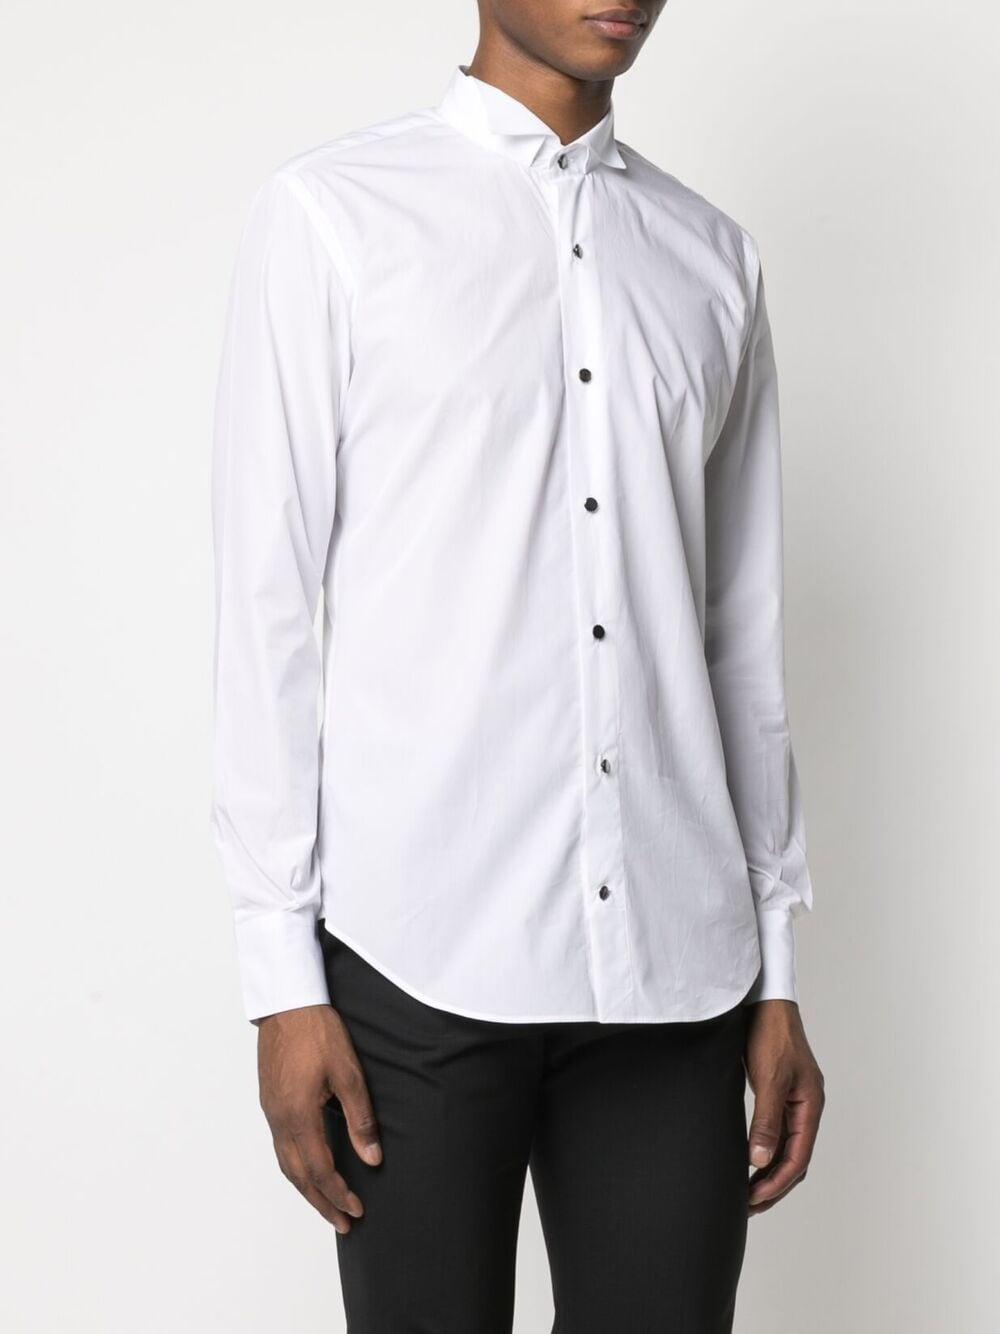 Camicia a maniche lunghe in cotone bianco con colletto classico. ELEVENTY | Camicie | C75CAMC10-TES0B01801